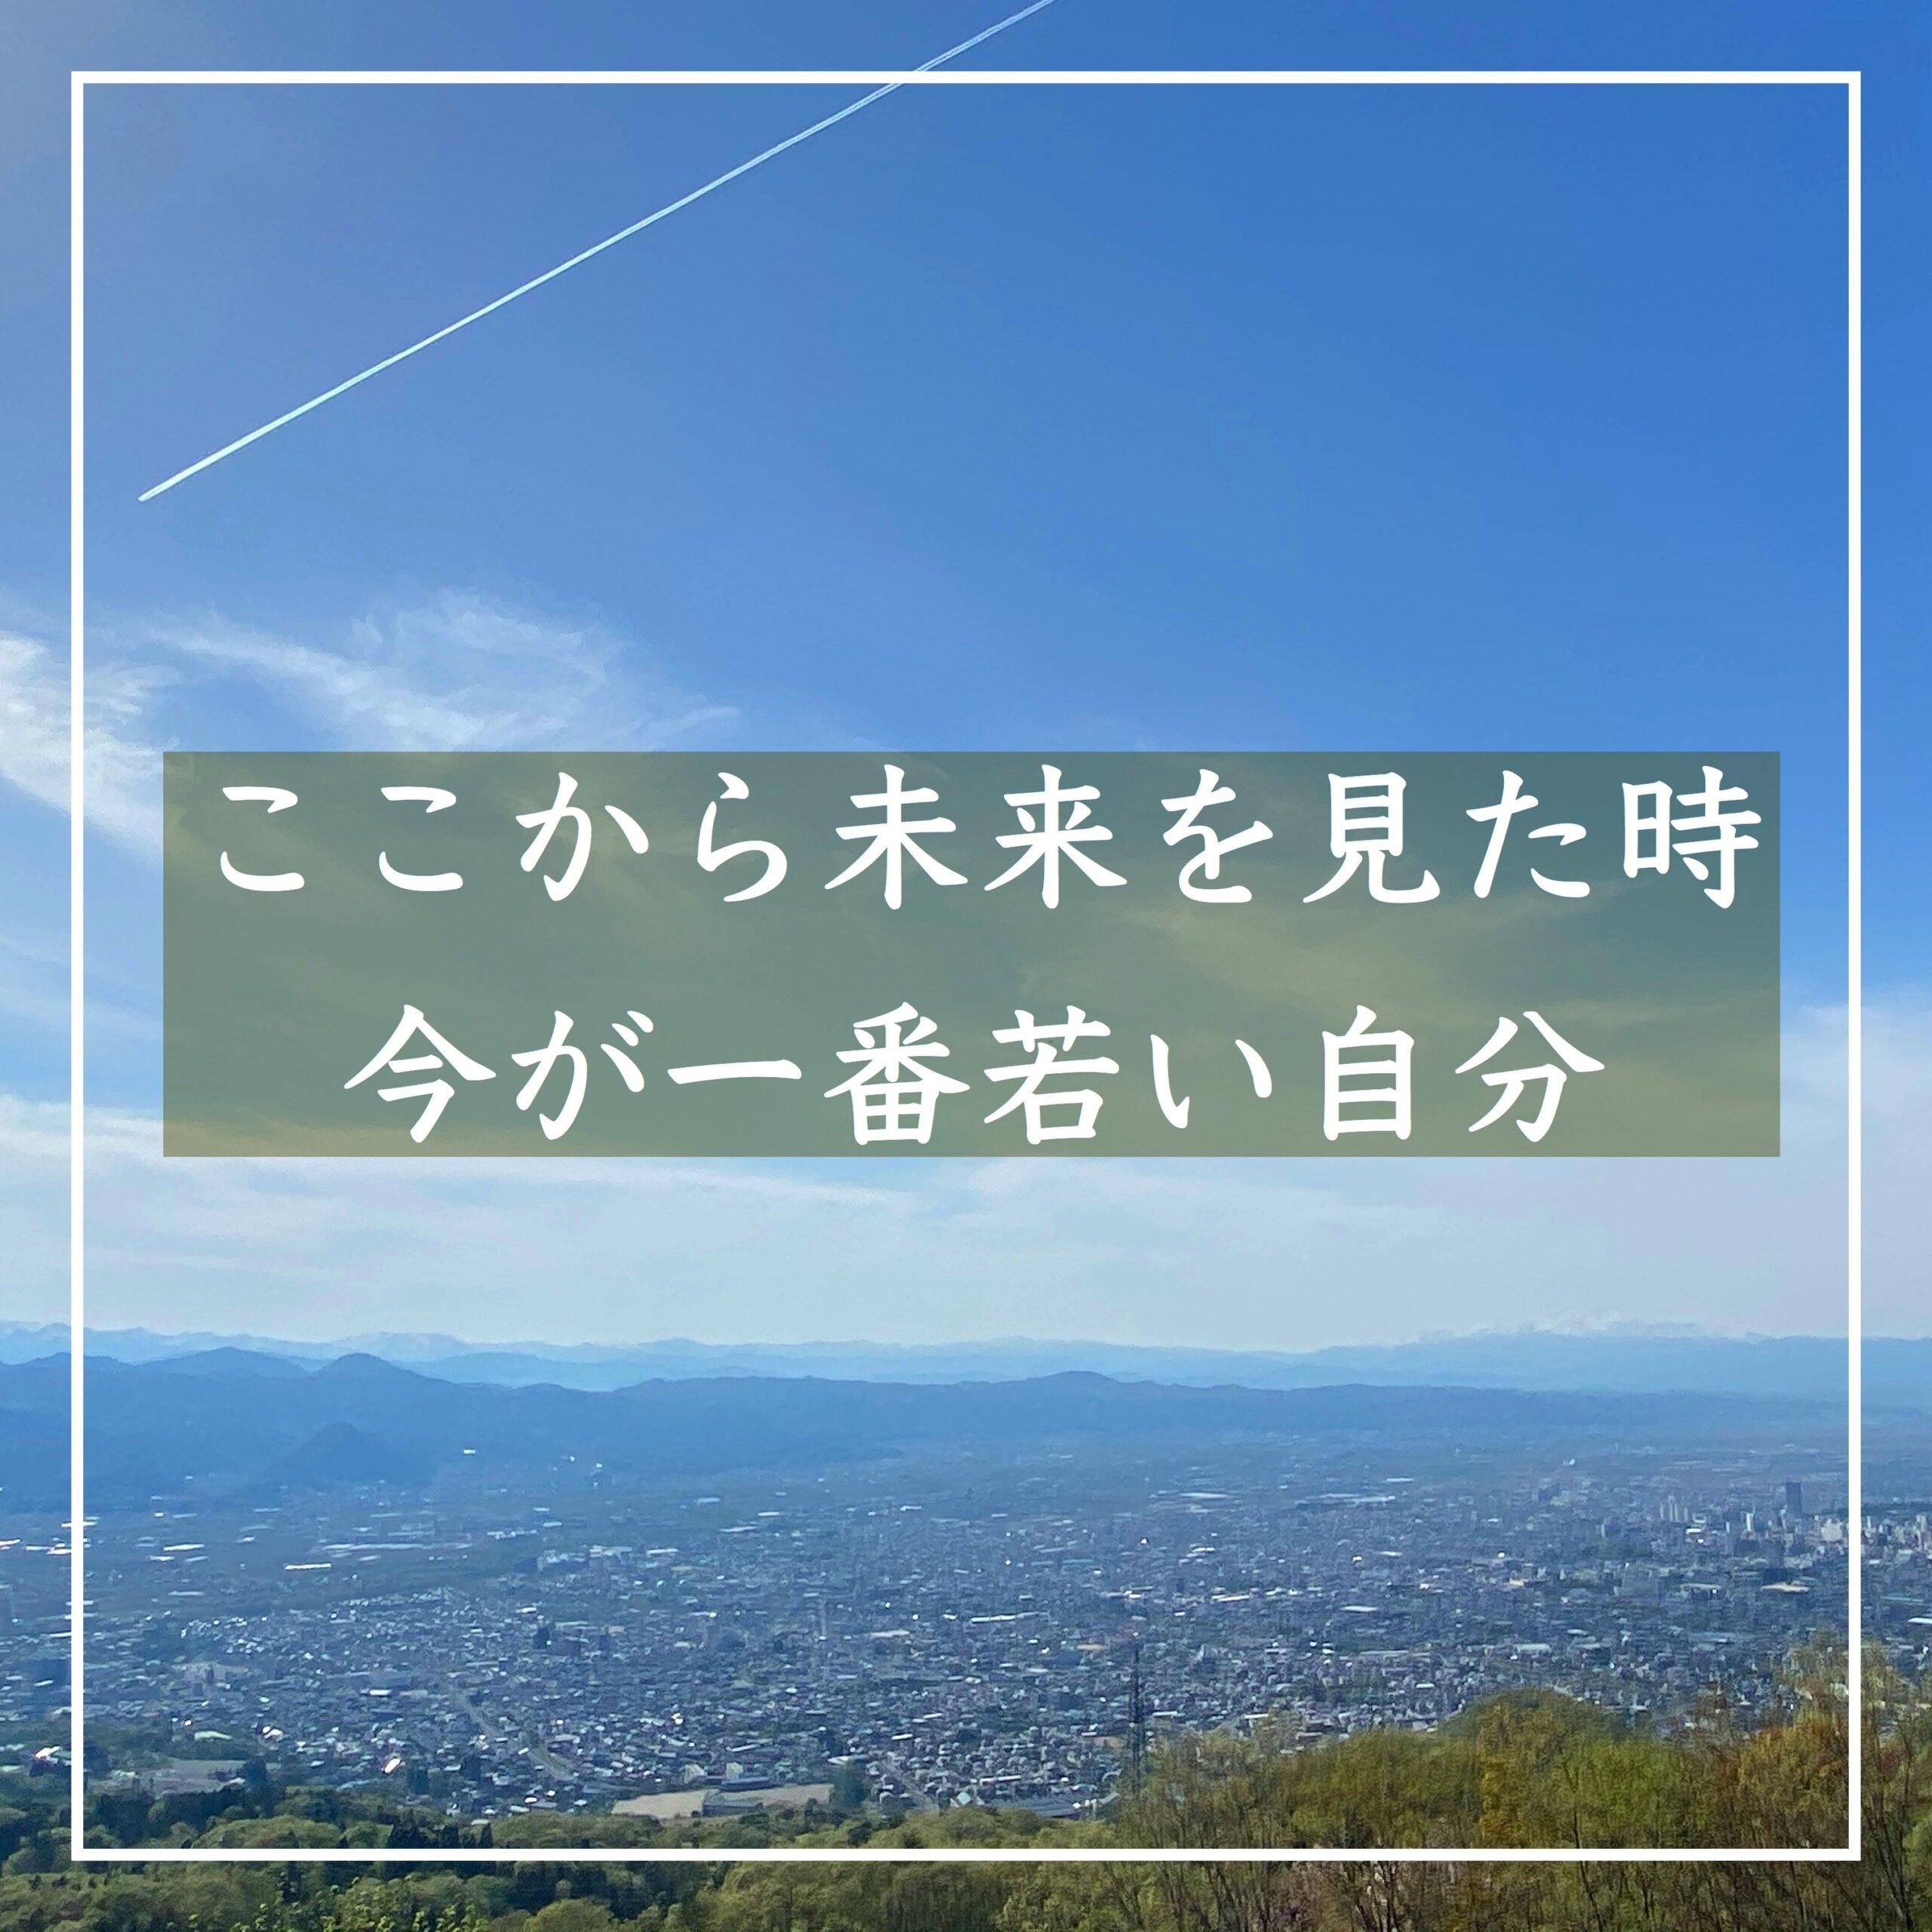 お蔵サロン鈴空 山形